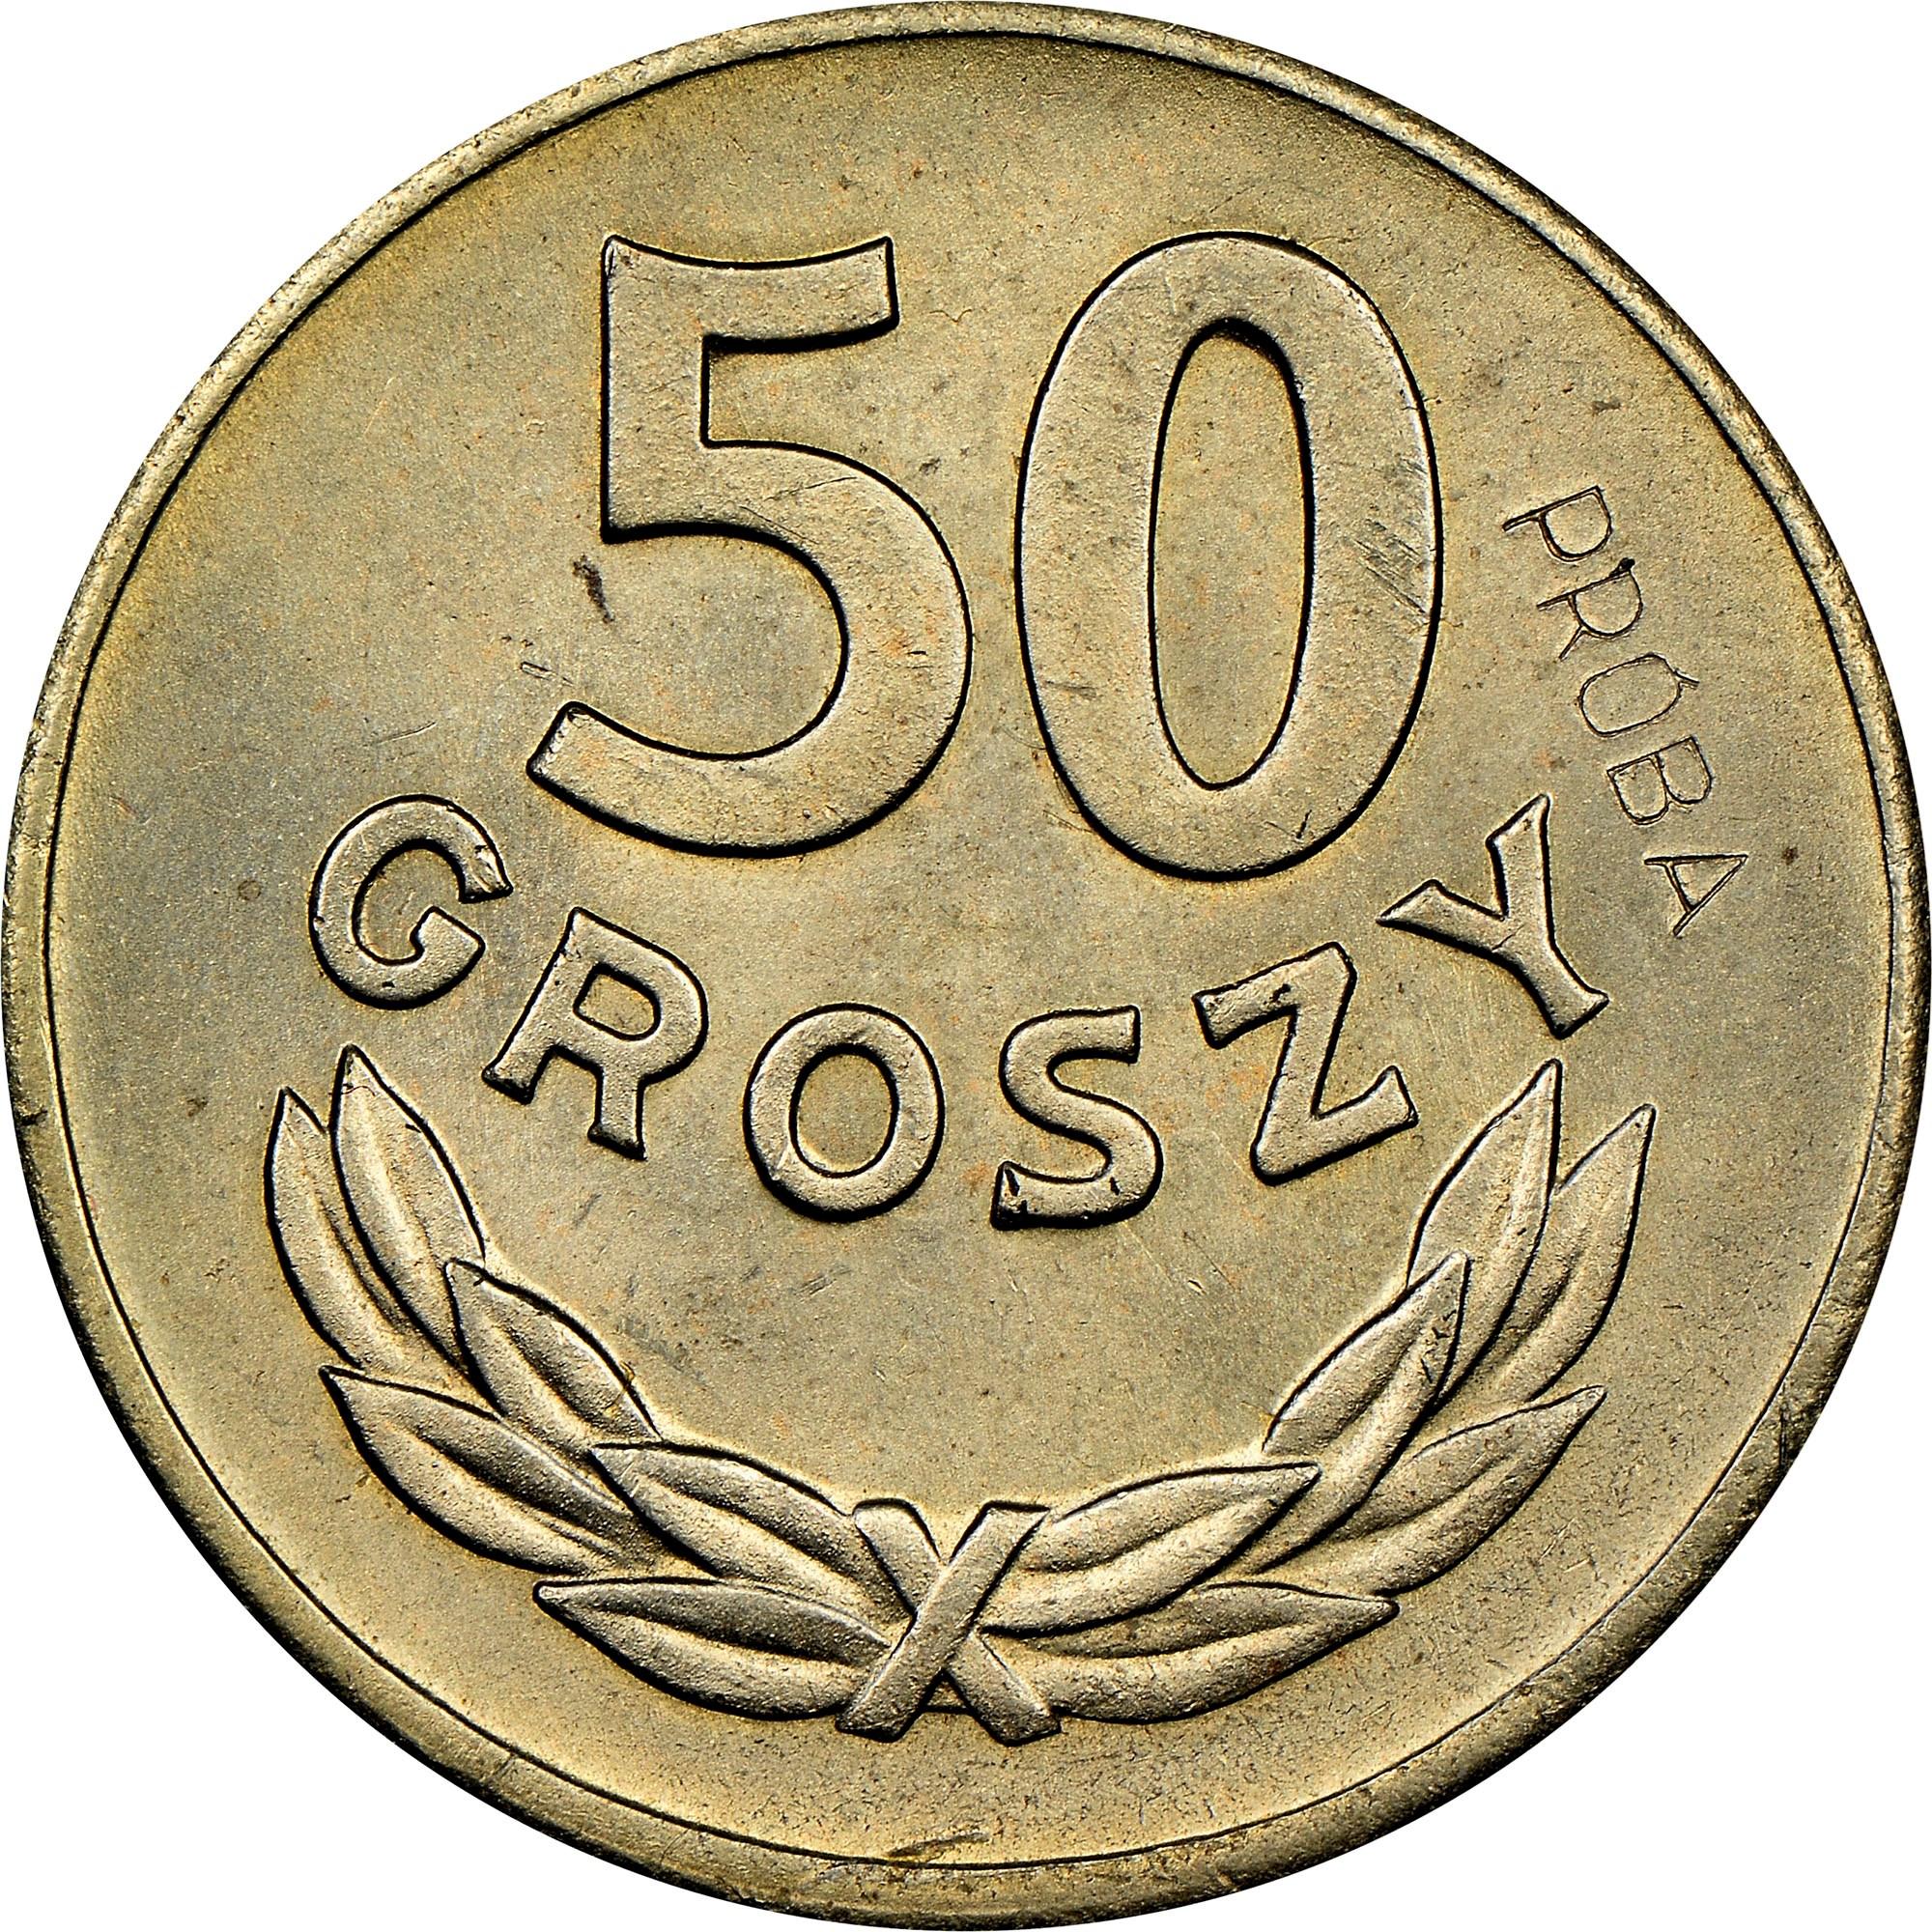 Poland 50 Groszy reverse